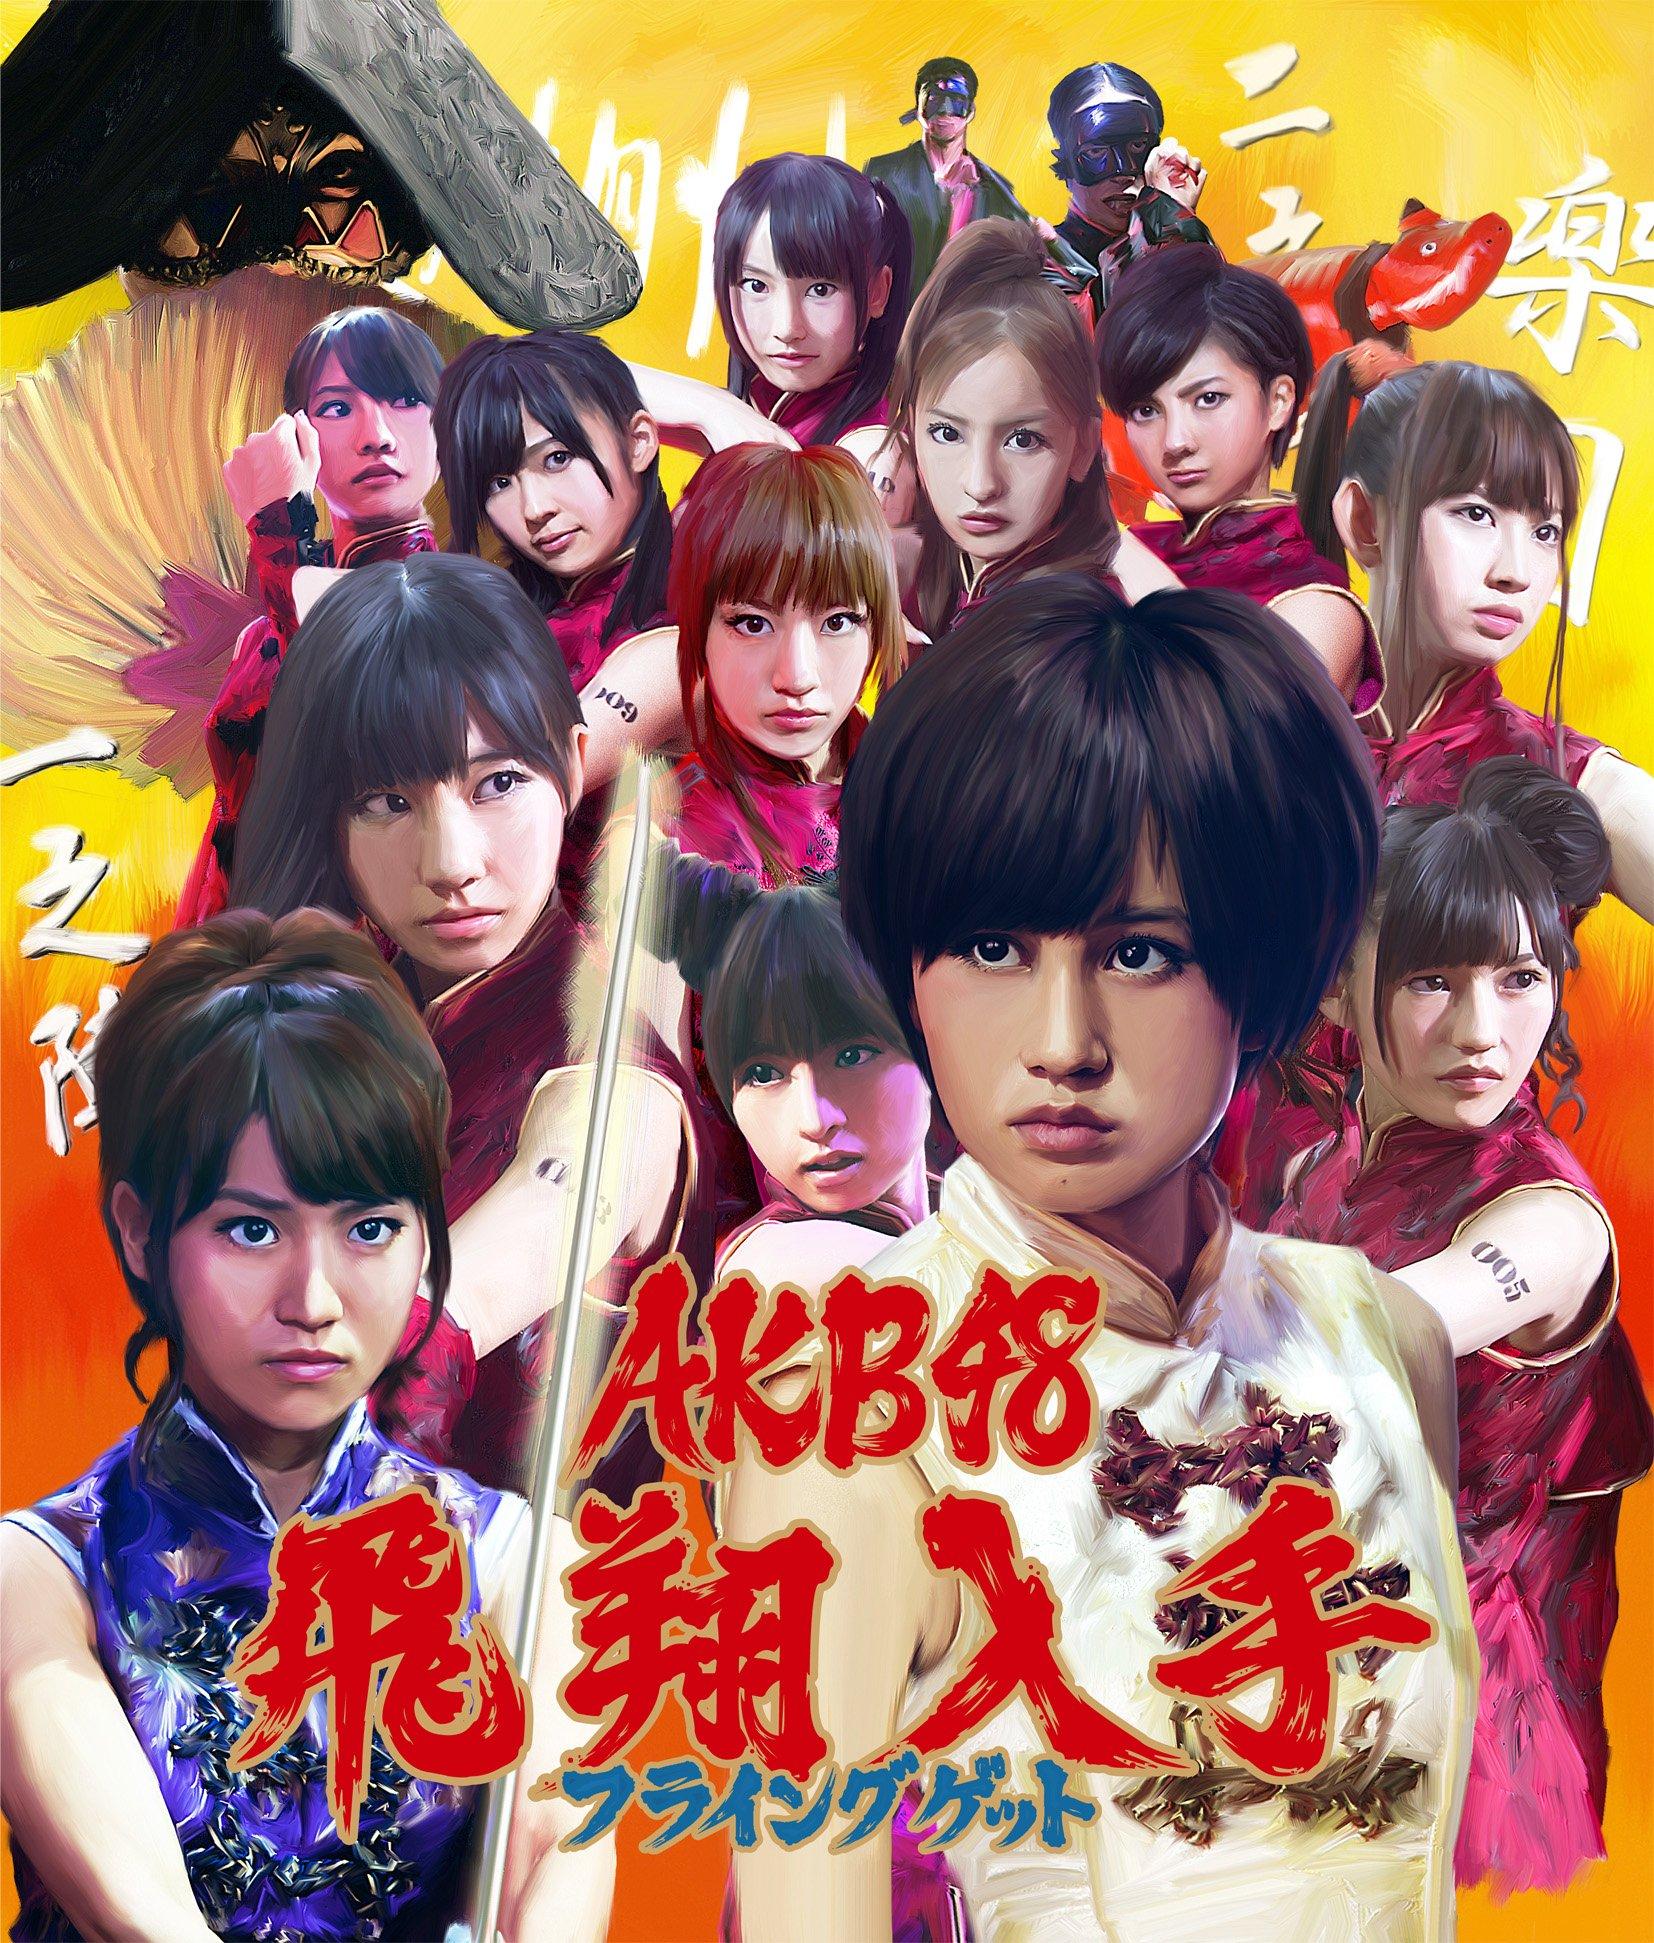 20171119.1750.1 AKB48 - Flying Get (Type A) (DVD) (JPOP.ru) cover 2.jpg